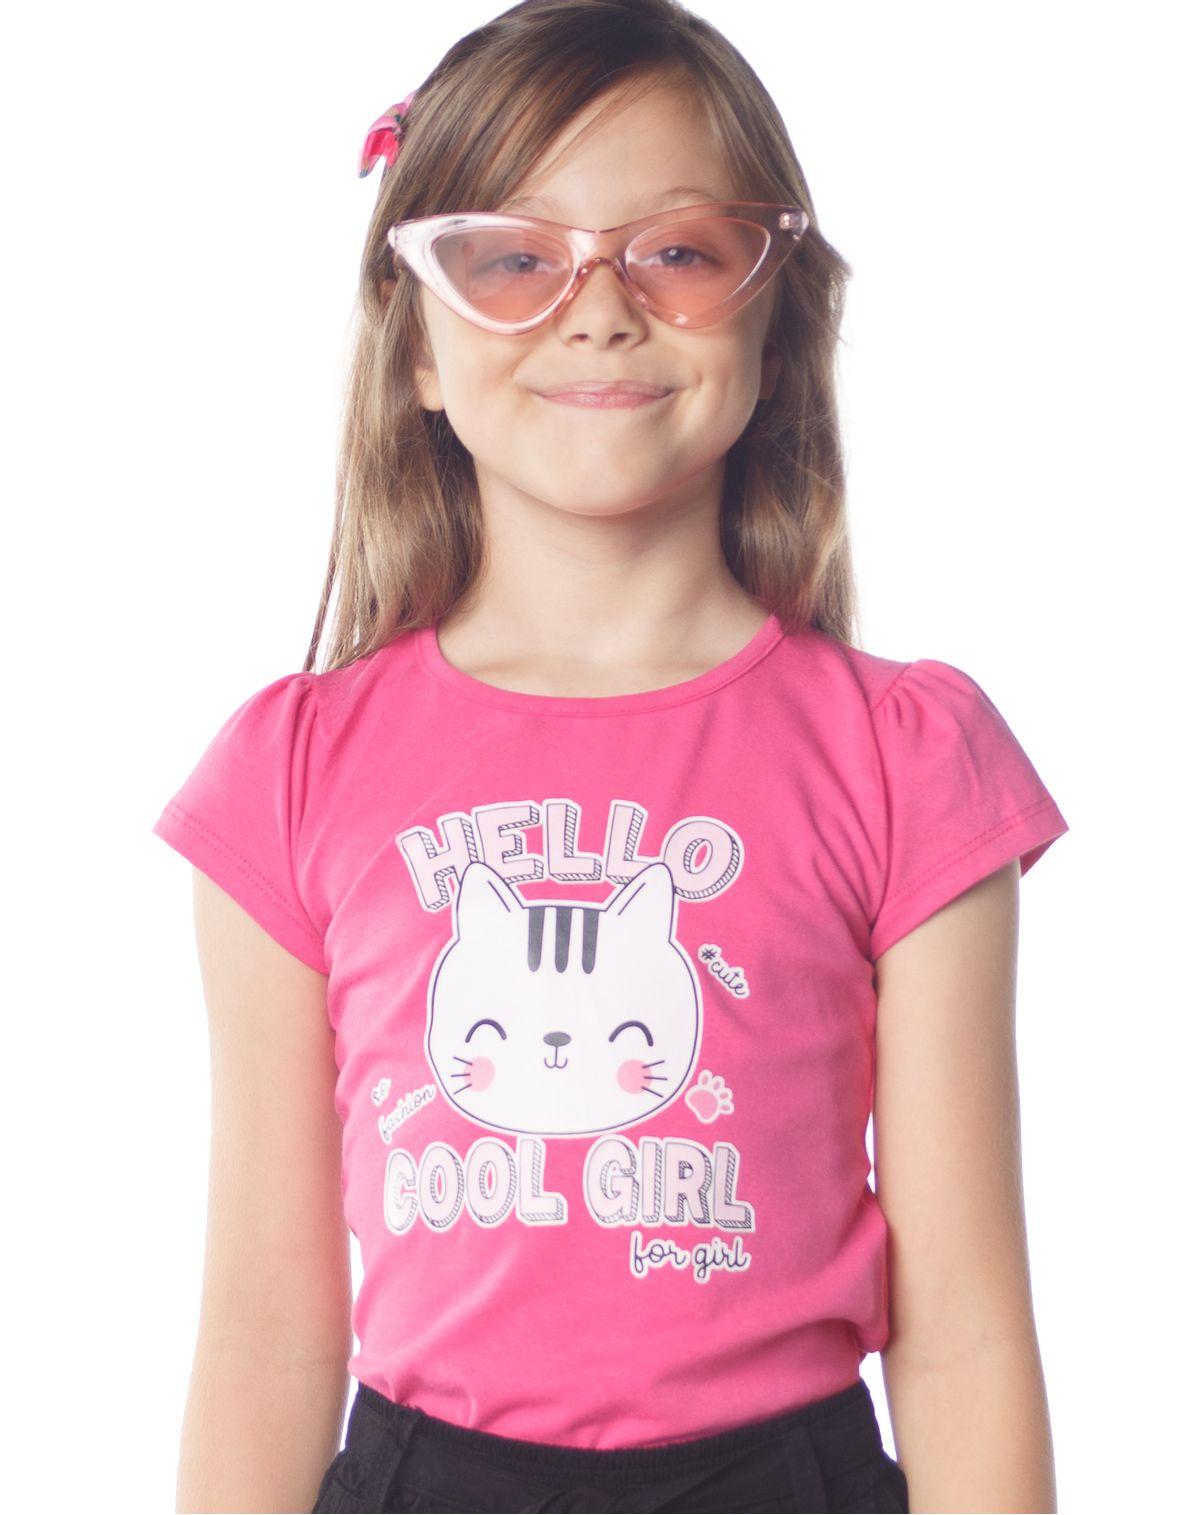 573536001-blusa-infantil-manga-curta-estampa-gato-pink-4-3b8